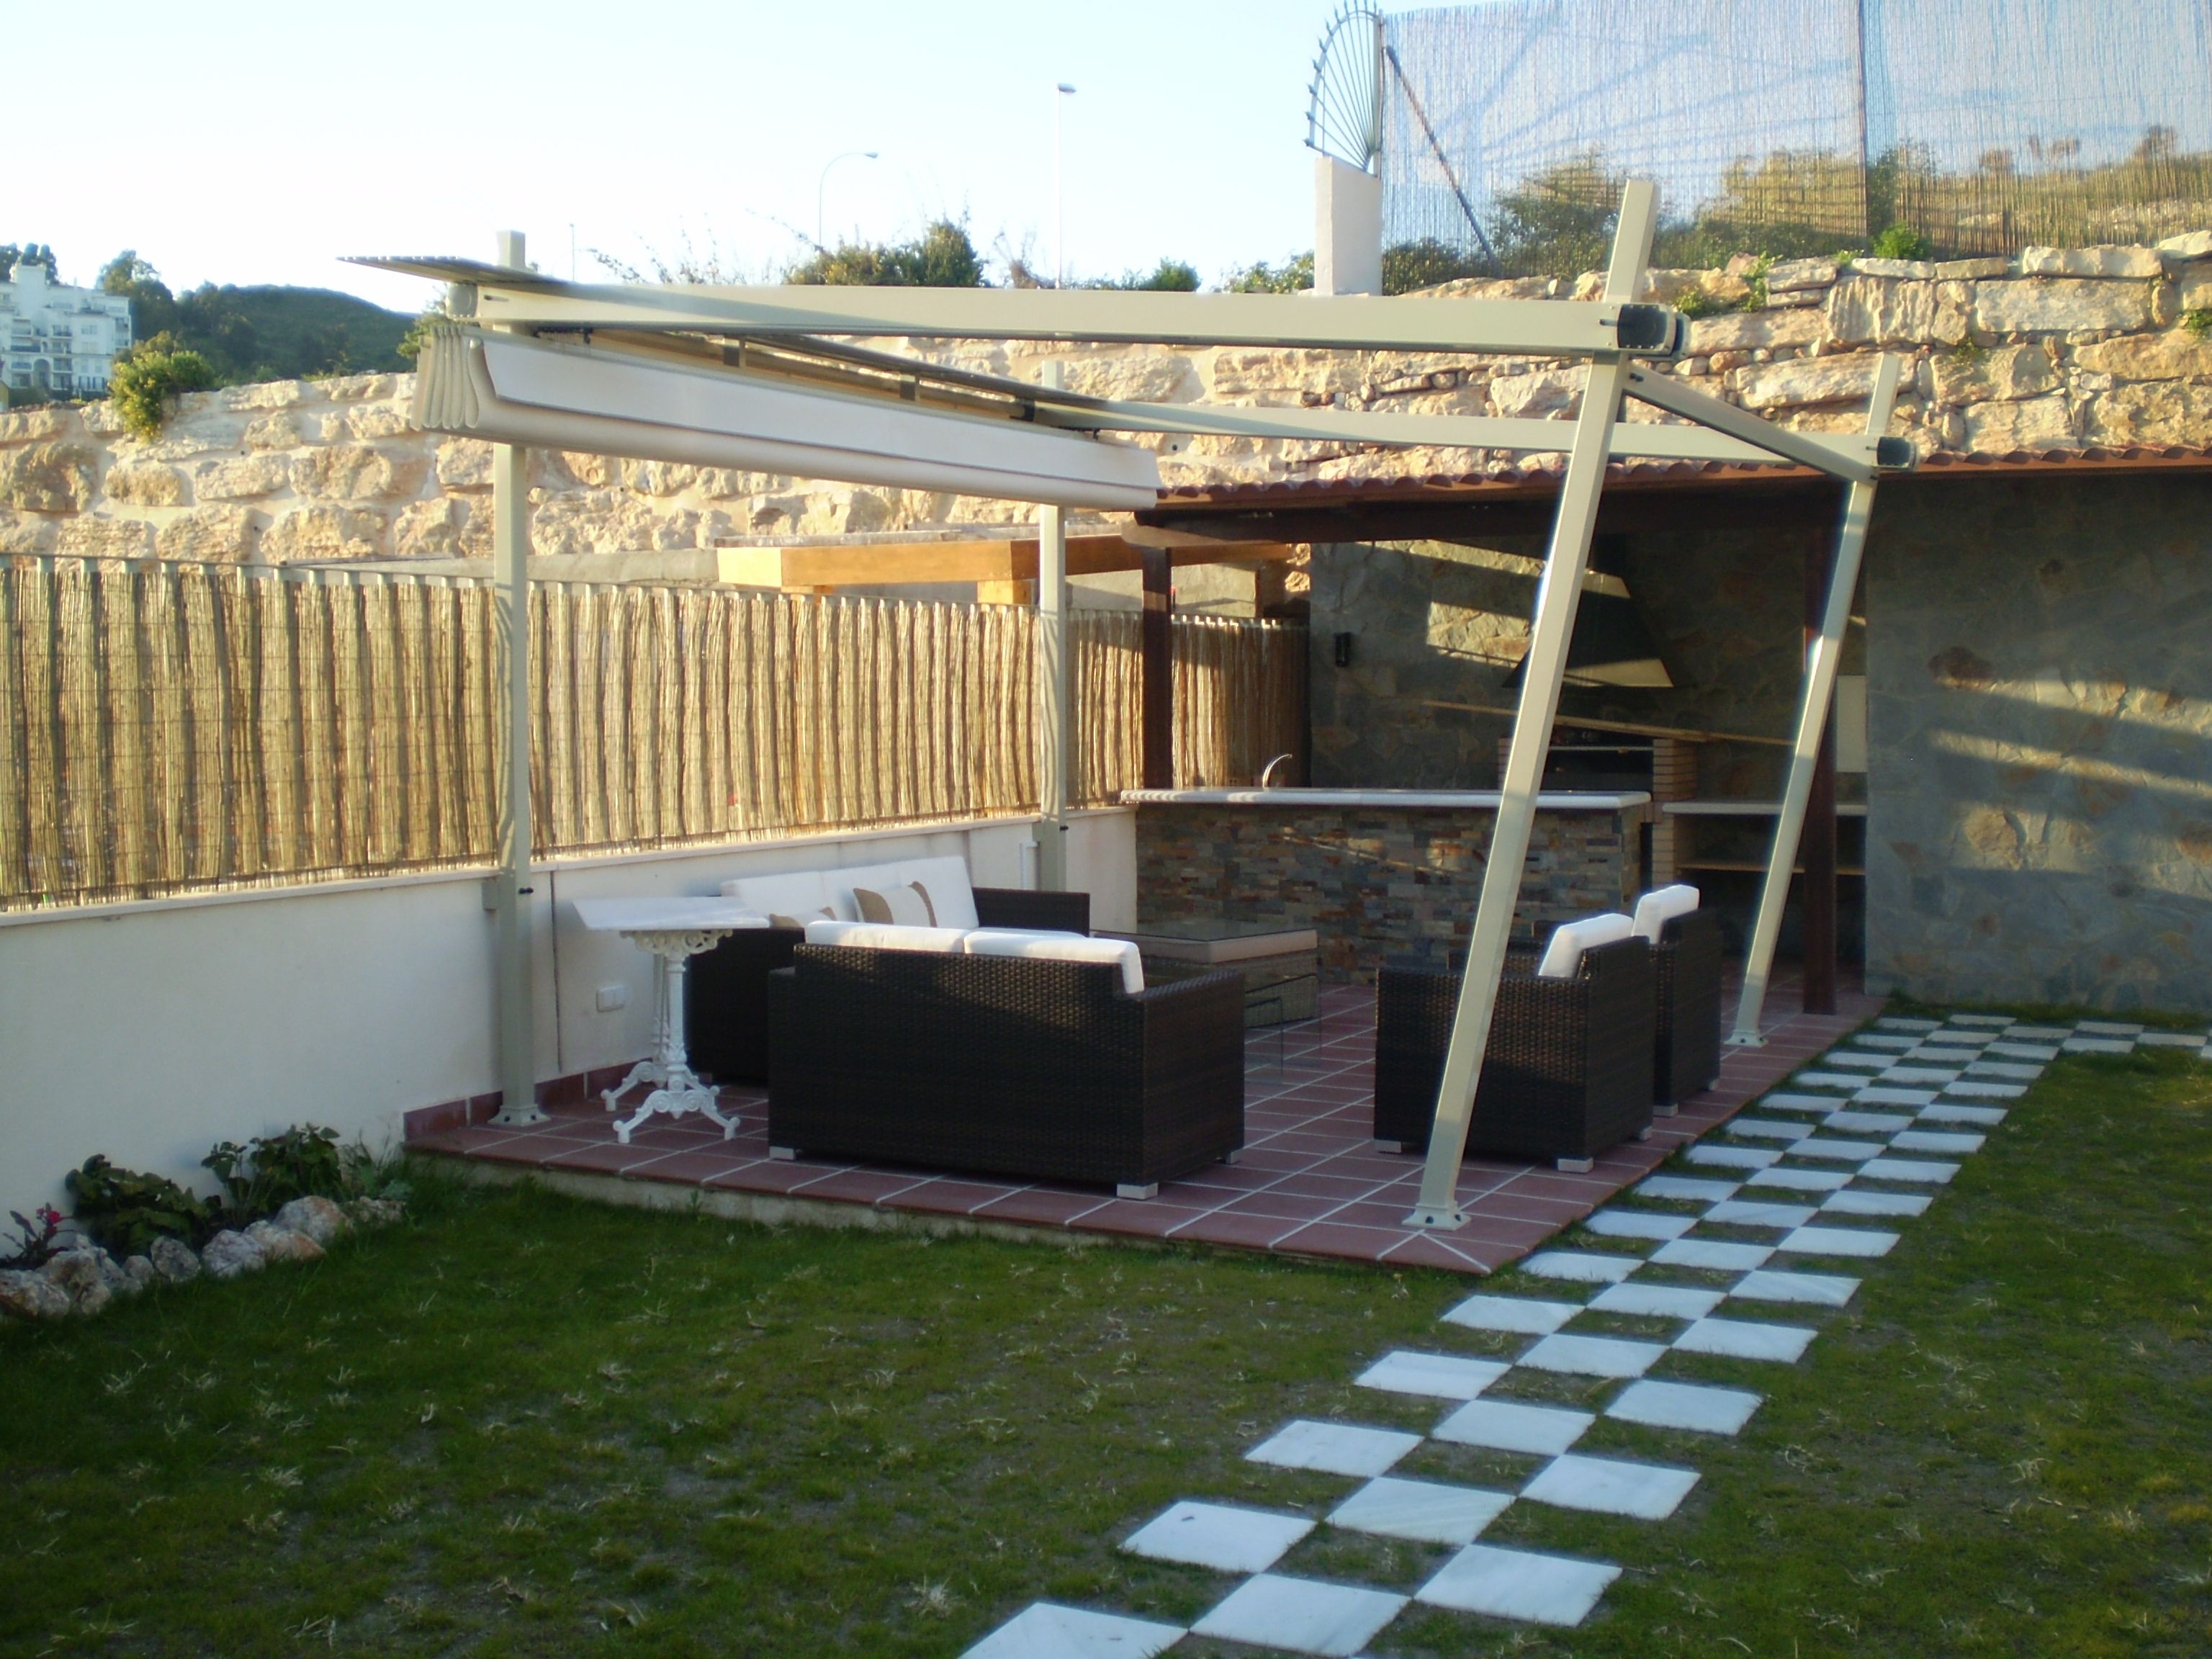 Instalación de toldo en cenador de jardín